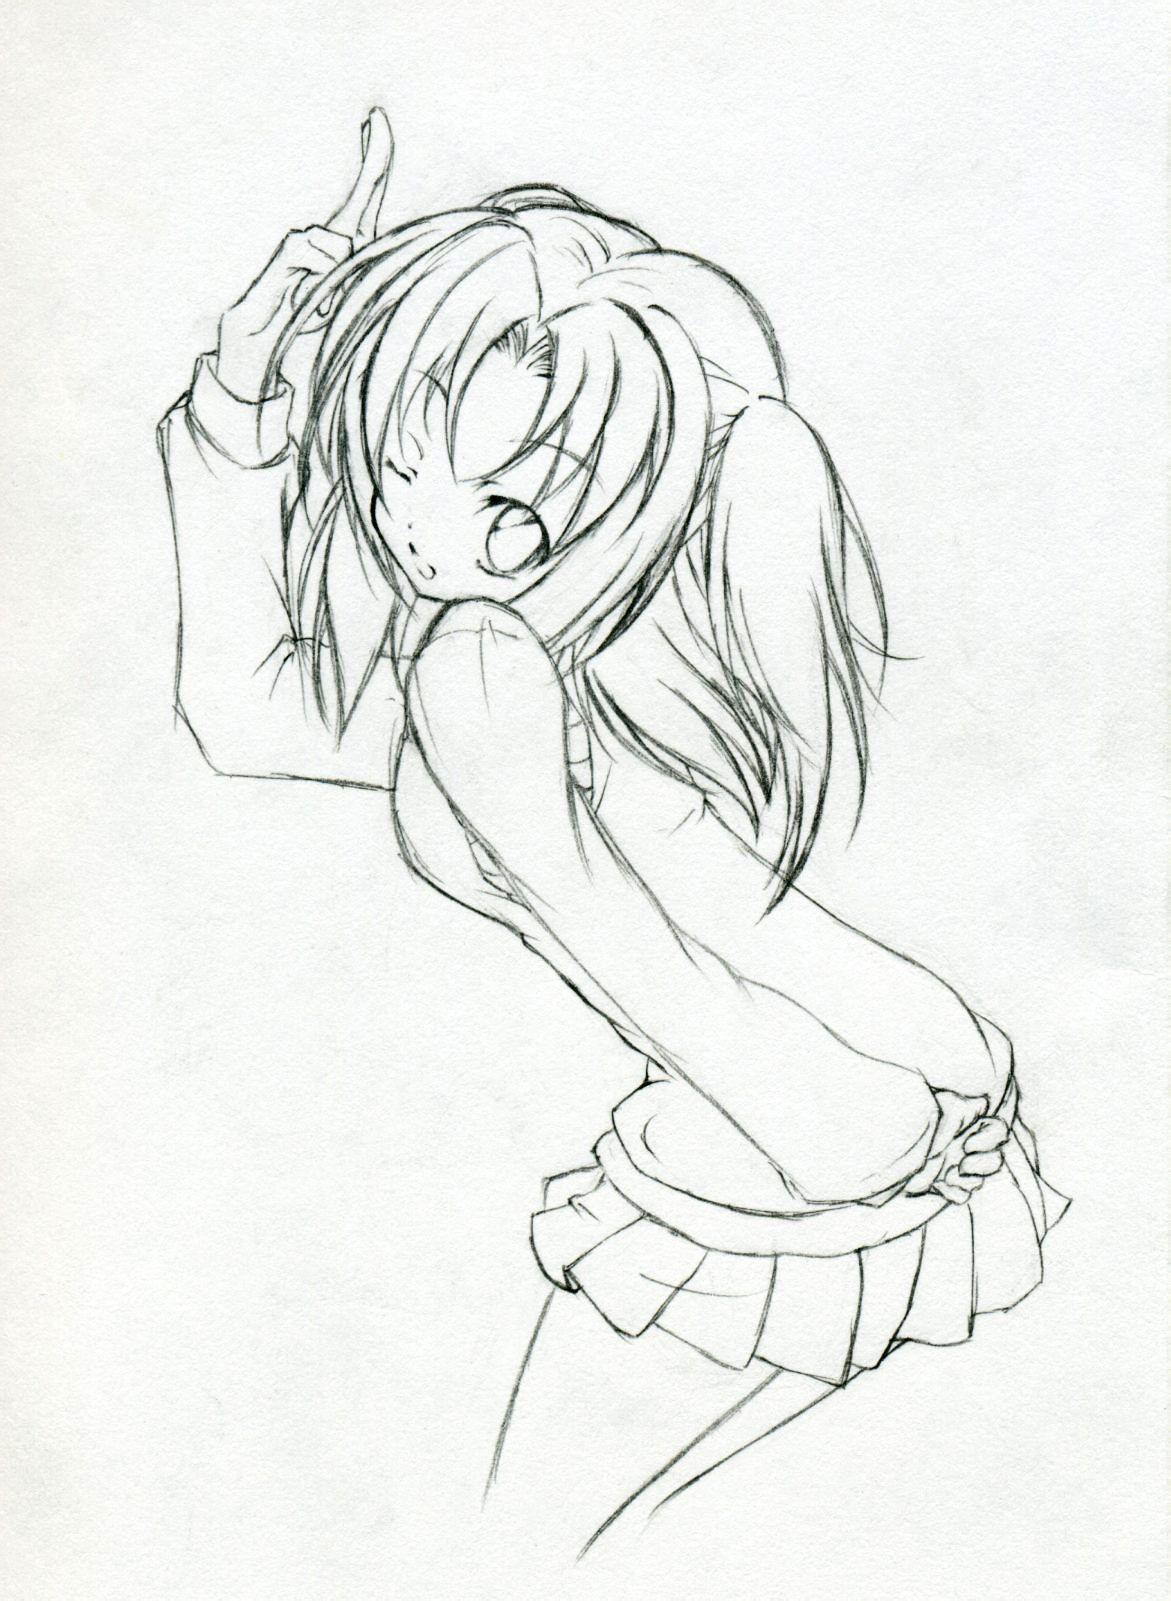 求动漫少女线稿,穿着校服的